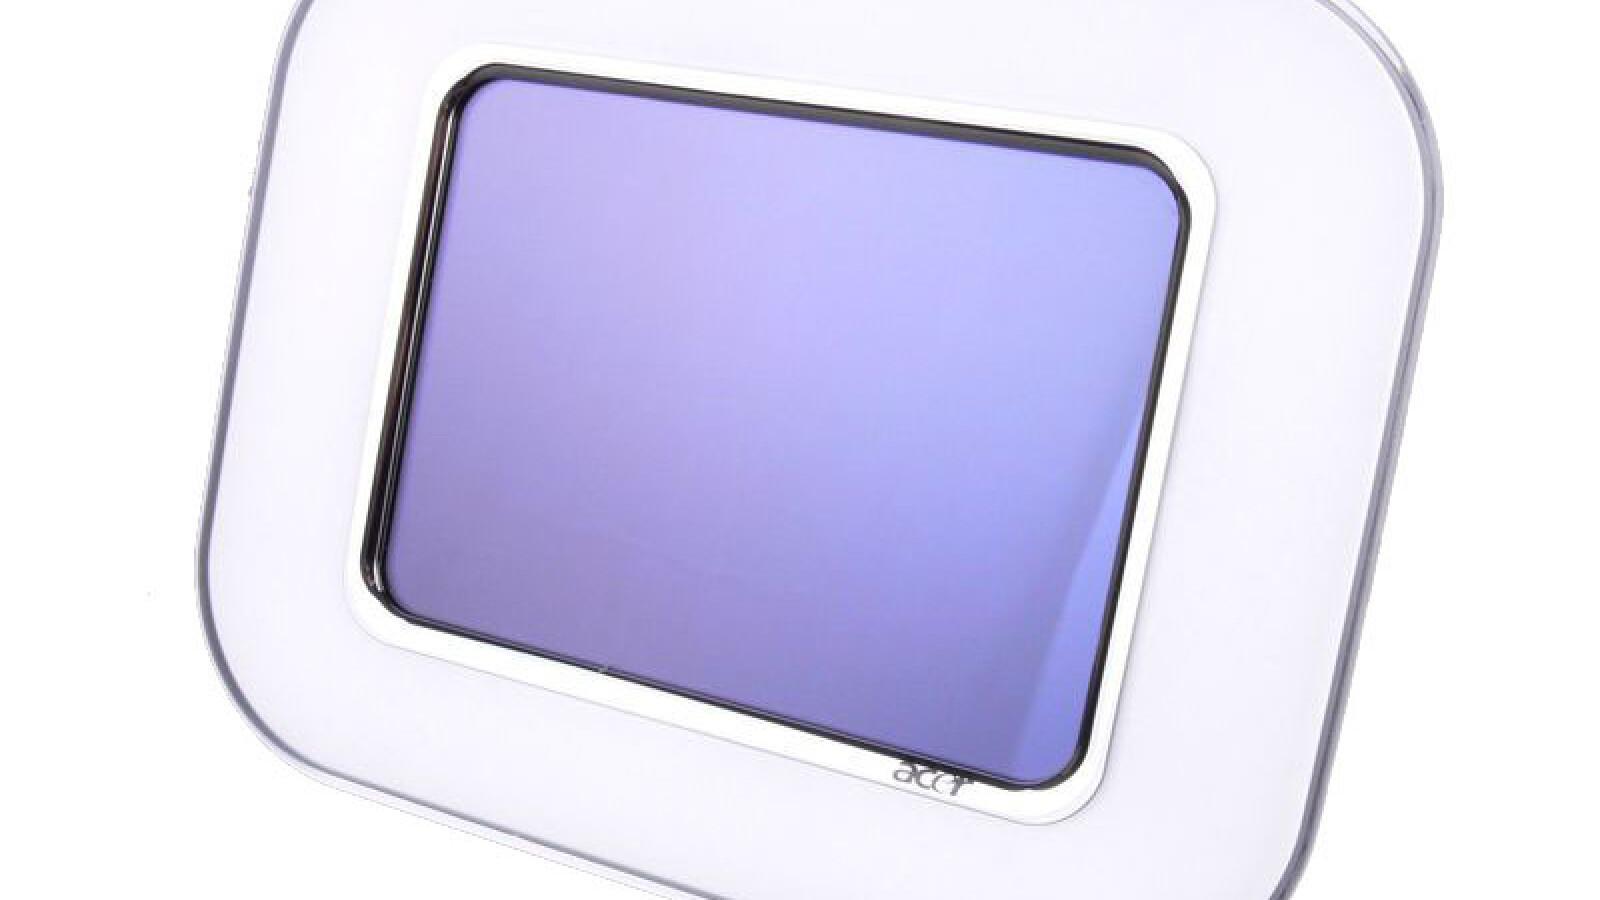 acer af318 im test digitaler bilderrahmen mit touchscreen netzwelt. Black Bedroom Furniture Sets. Home Design Ideas